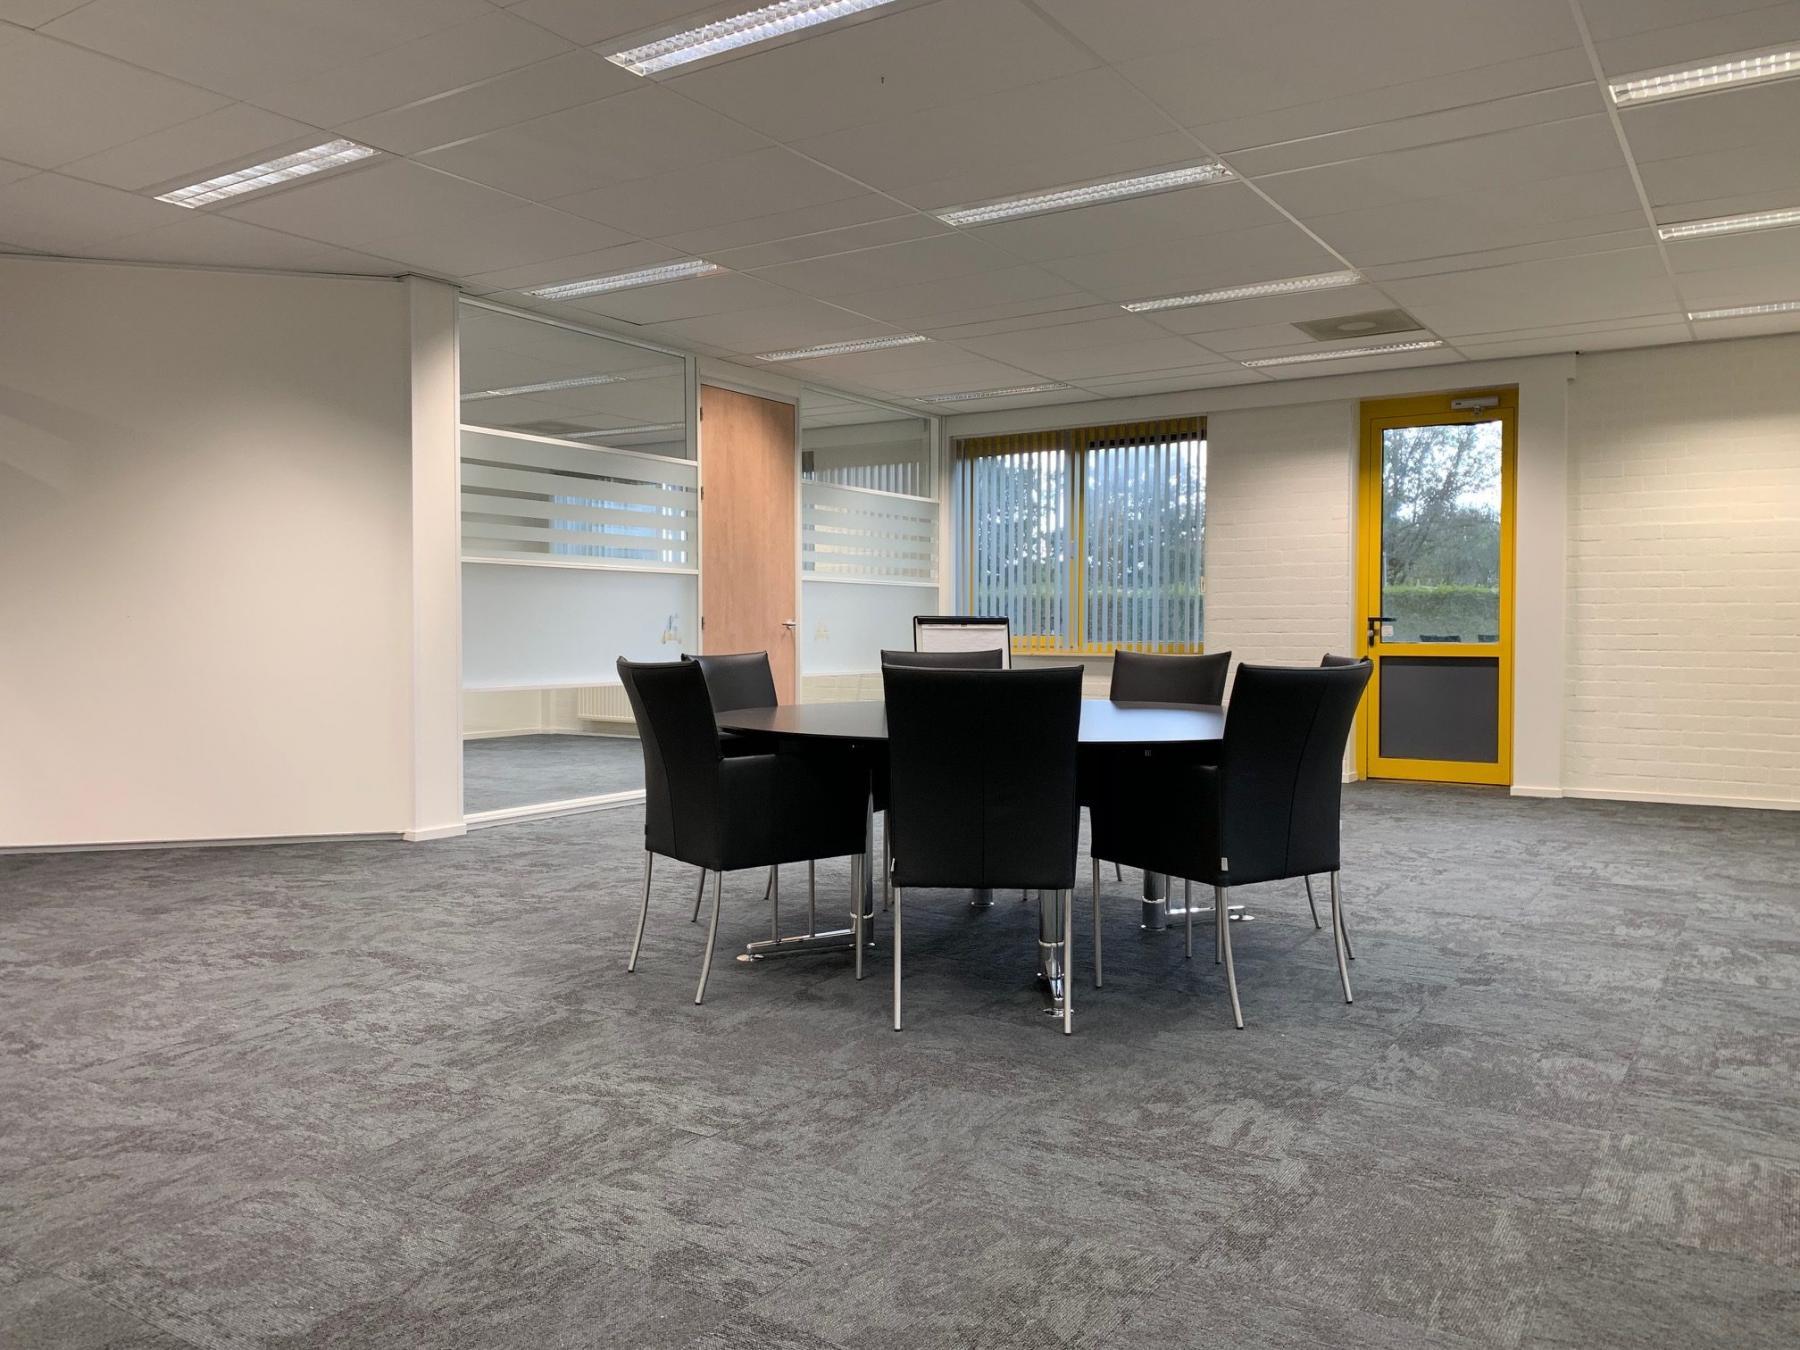 Kantoorruimte huren Parlevinkerweg 1, Venlo (3)